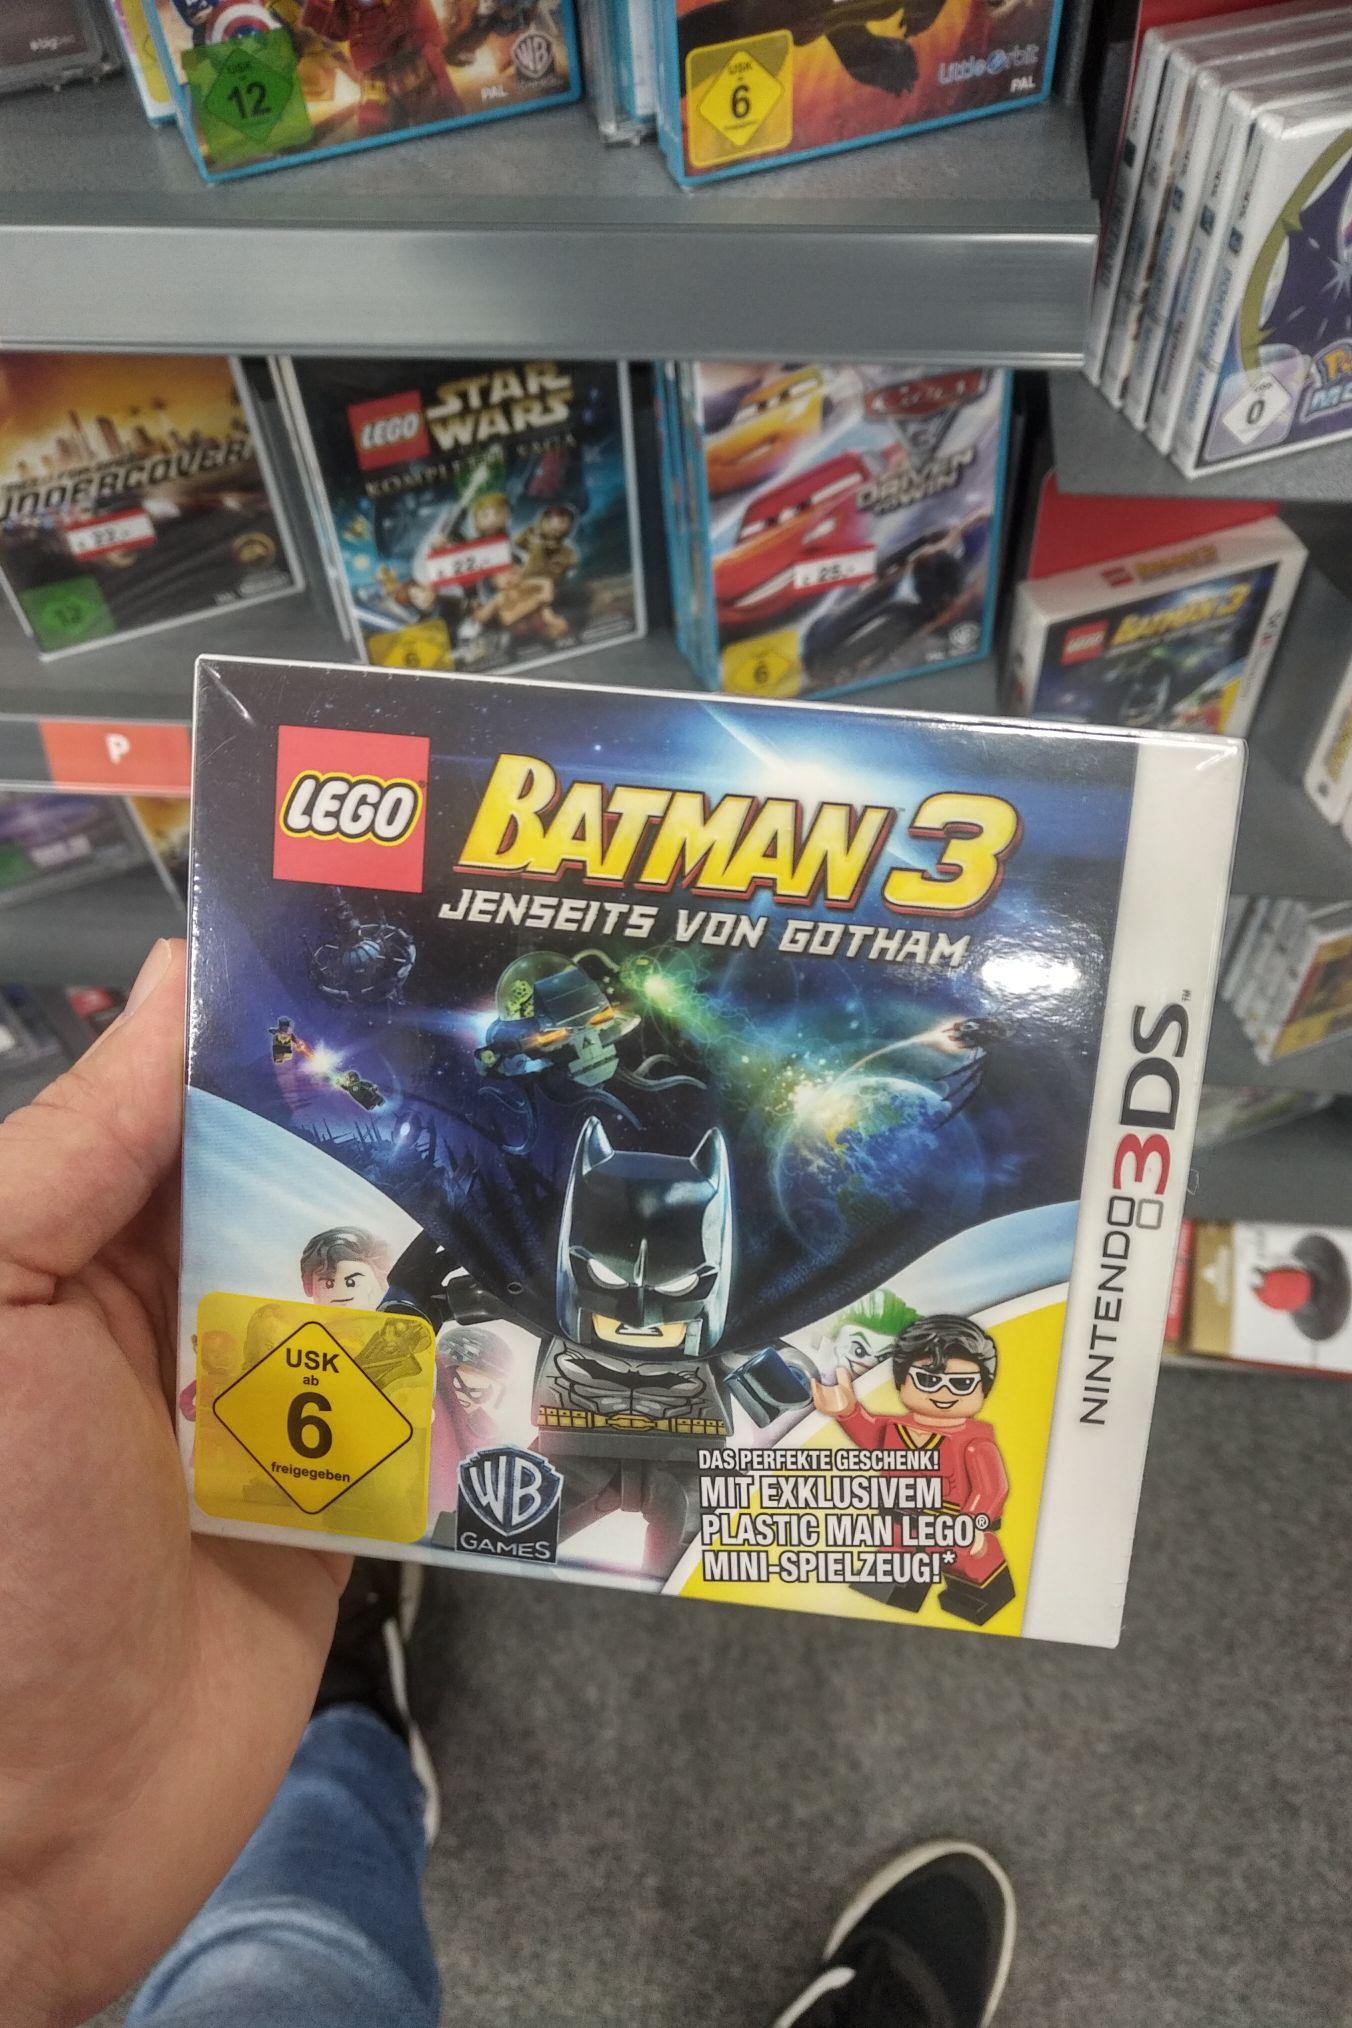 [Lokal Expert Brandenburg] Lego Batman 3 Jenseits von Gotham Nintendo 3DS